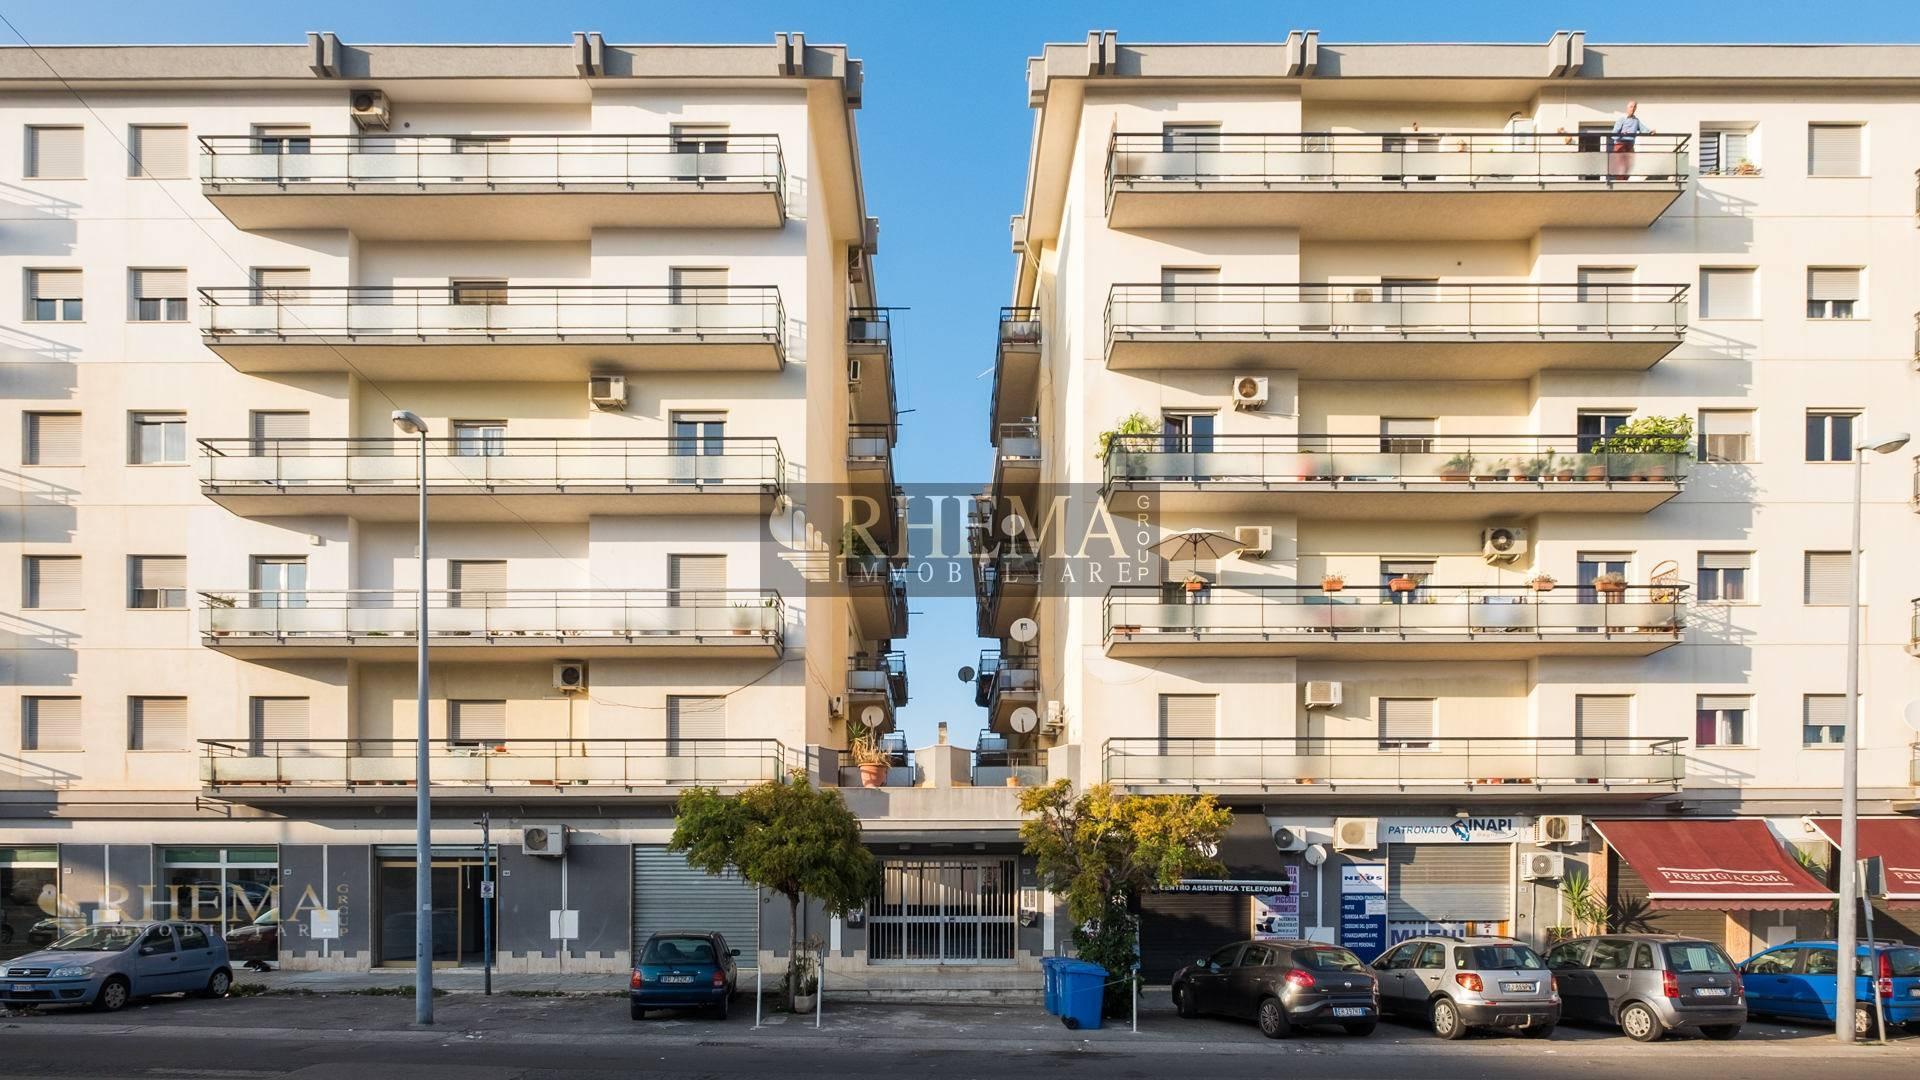 Appartamento in vendita a Bagheria, 4 locali, zona Località: CorsoButera, prezzo € 139.000 | CambioCasa.it